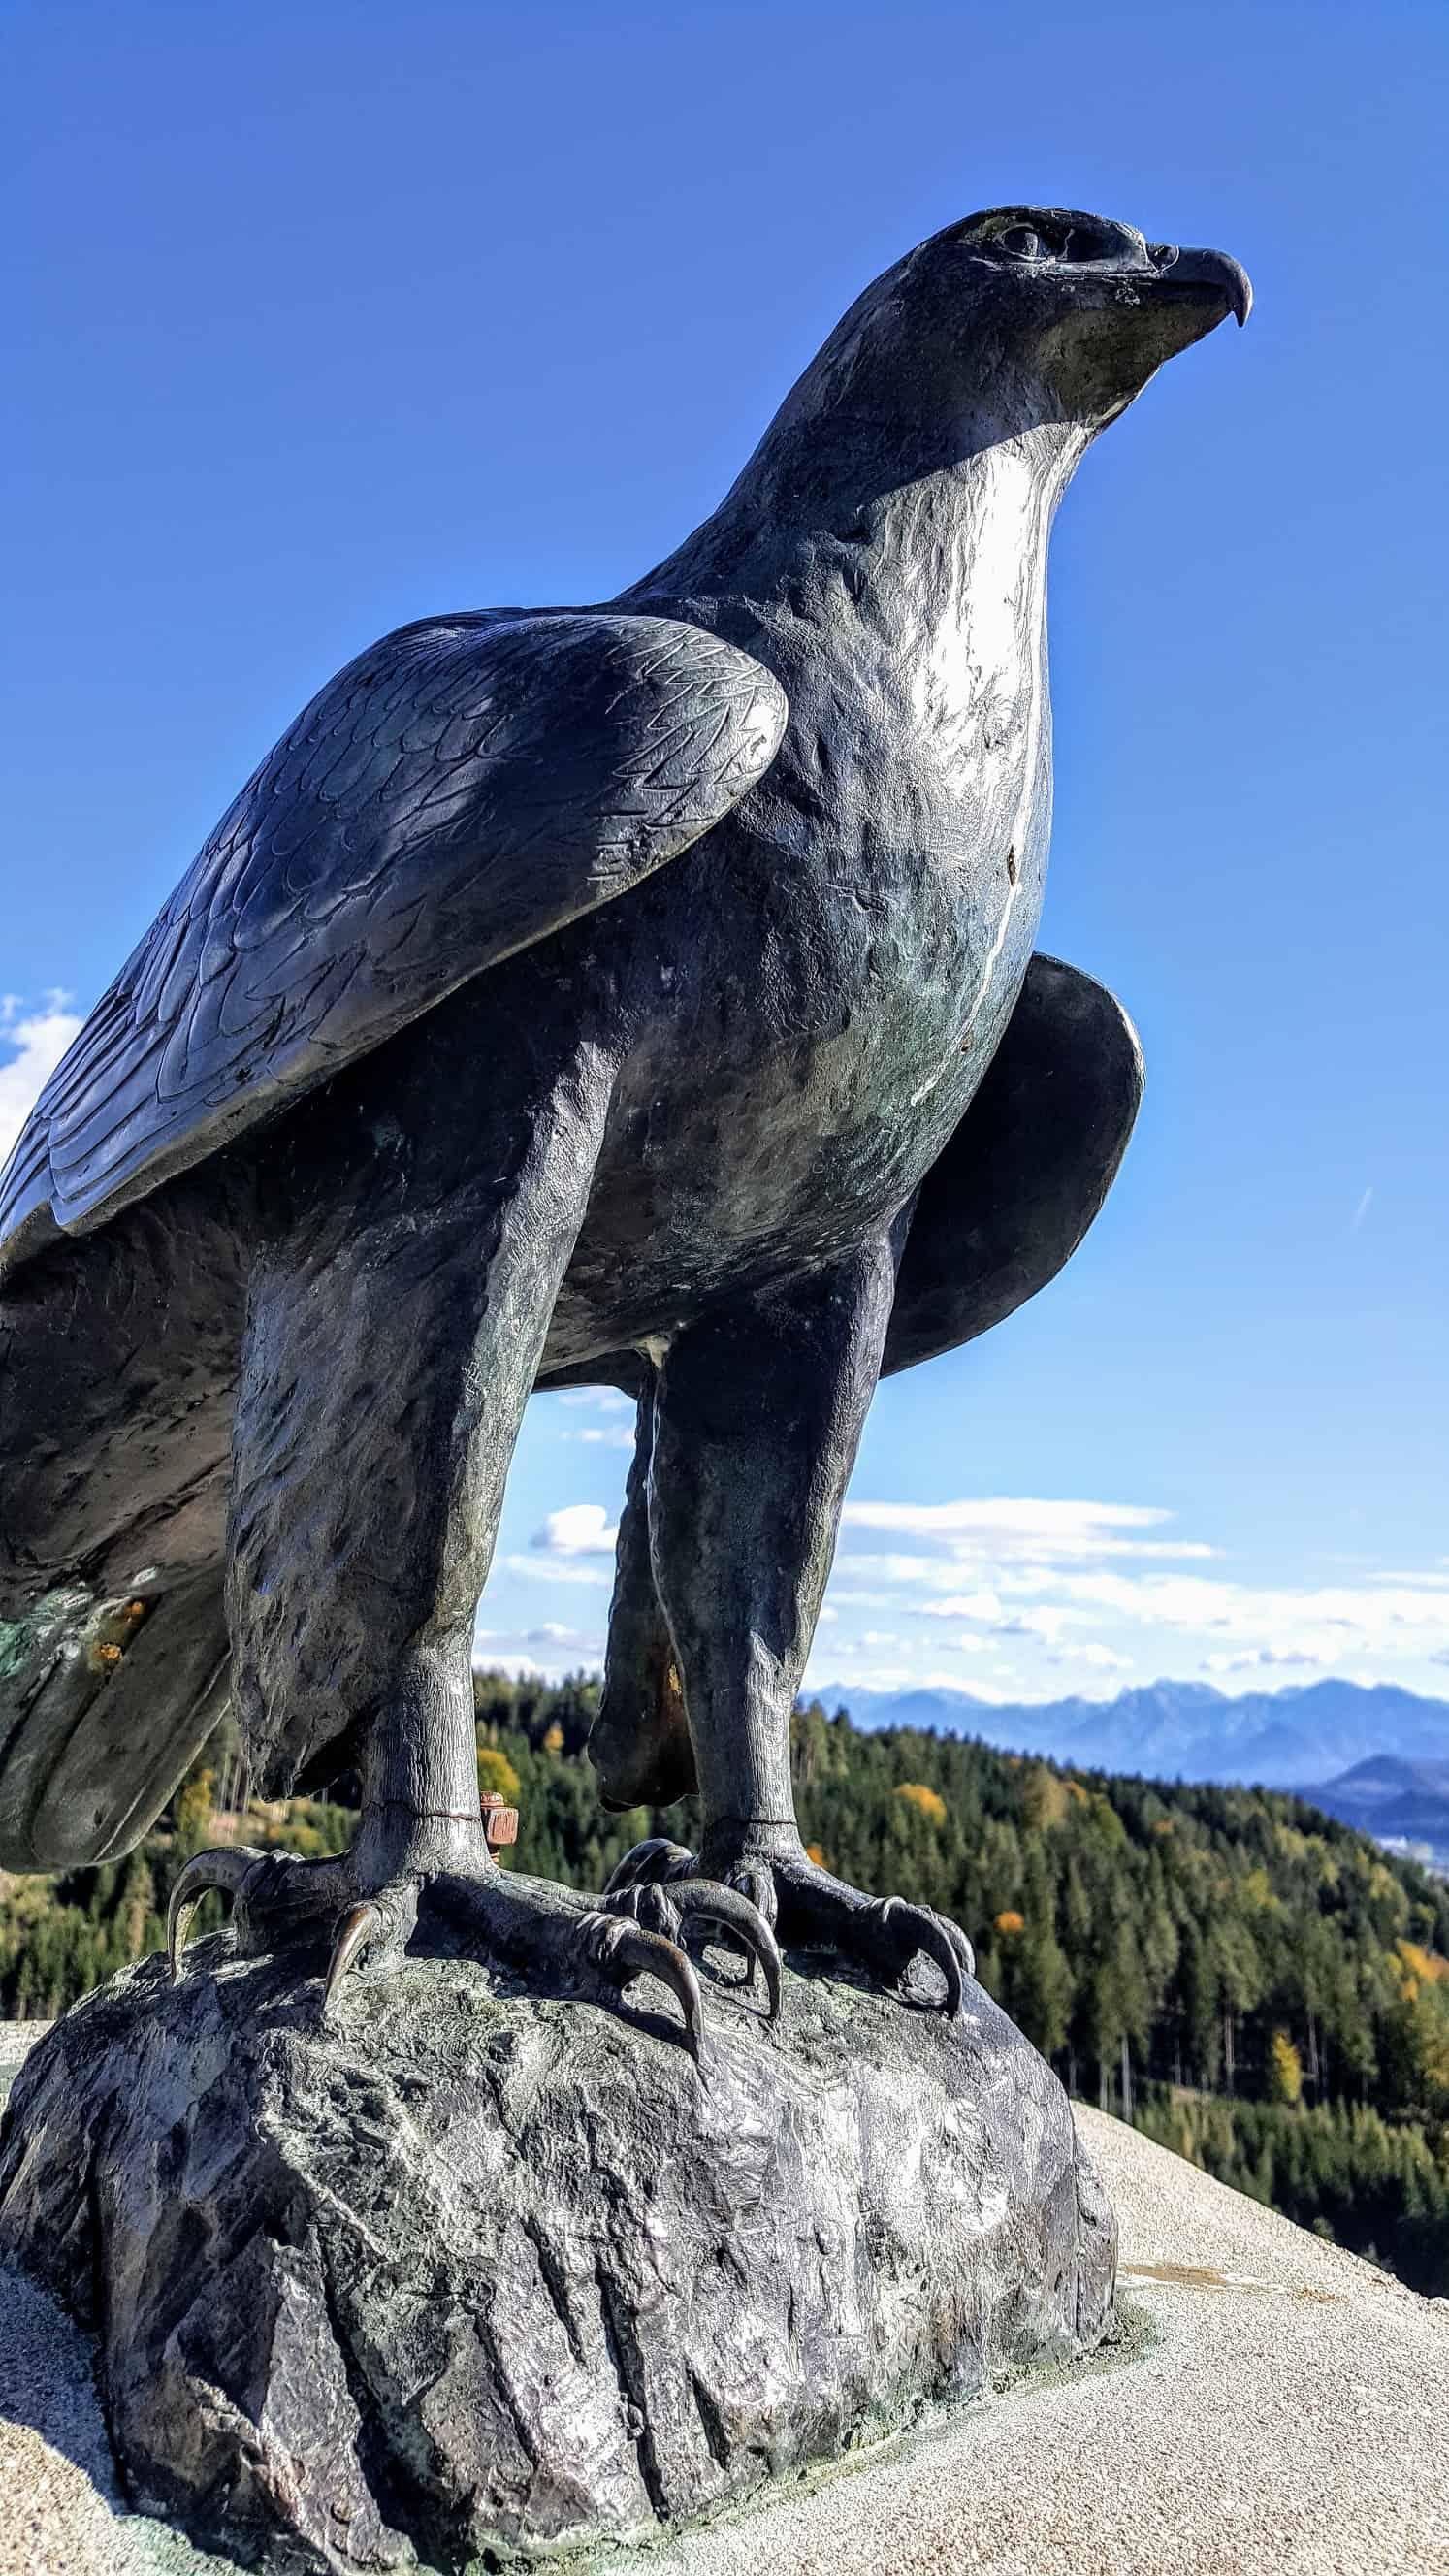 Adler aus Stein auf der Adlerarena Burg Landskron in Kärnten bei Villach am Ossiacher See